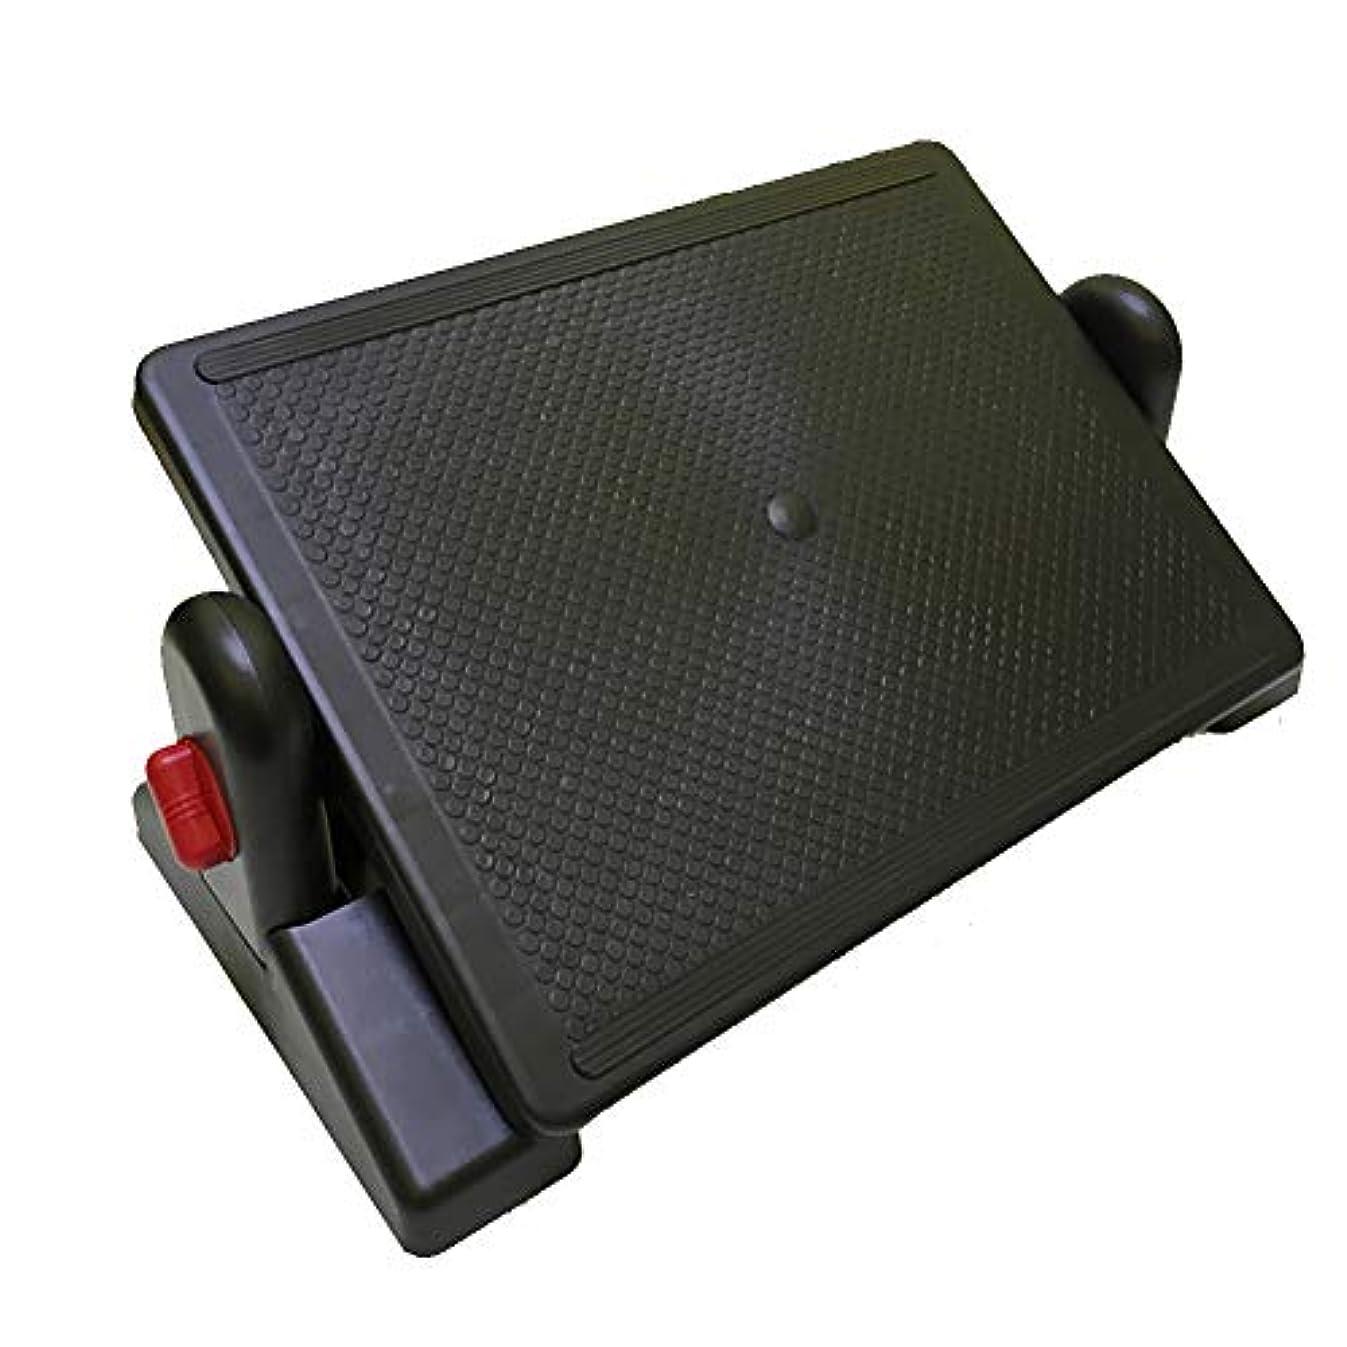 隣接感じ取り出す机の下のロックできる角度、オフィスの机の下の人間工学的の愚かなスツール、フットライザー、家のための腰痛の軽減、オフィスの調節可能なフットレスト,Red